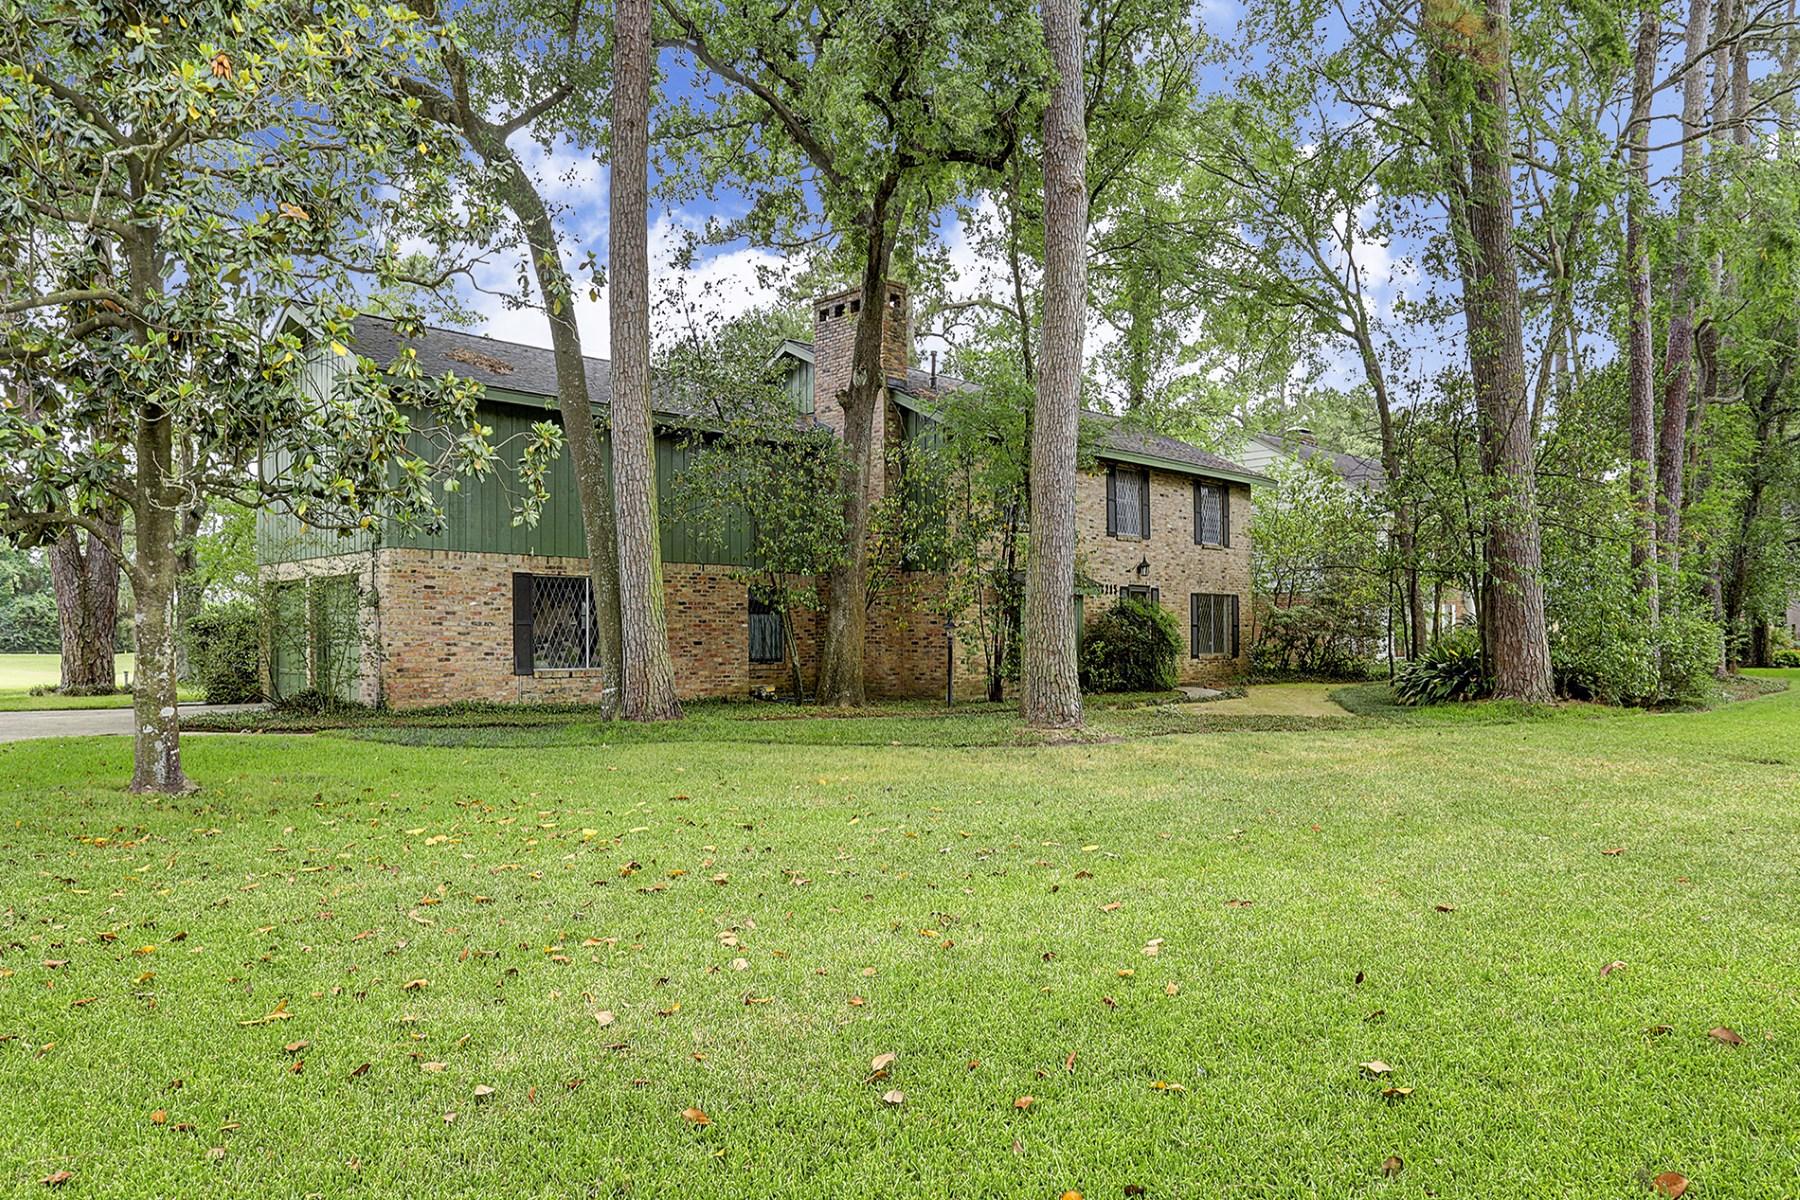 Частный односемейный дом для того Продажа на 6215 Coral Ridge Road 6215 Coral Ridge Rd, Houston, Техас, 77069 Соединенные Штаты